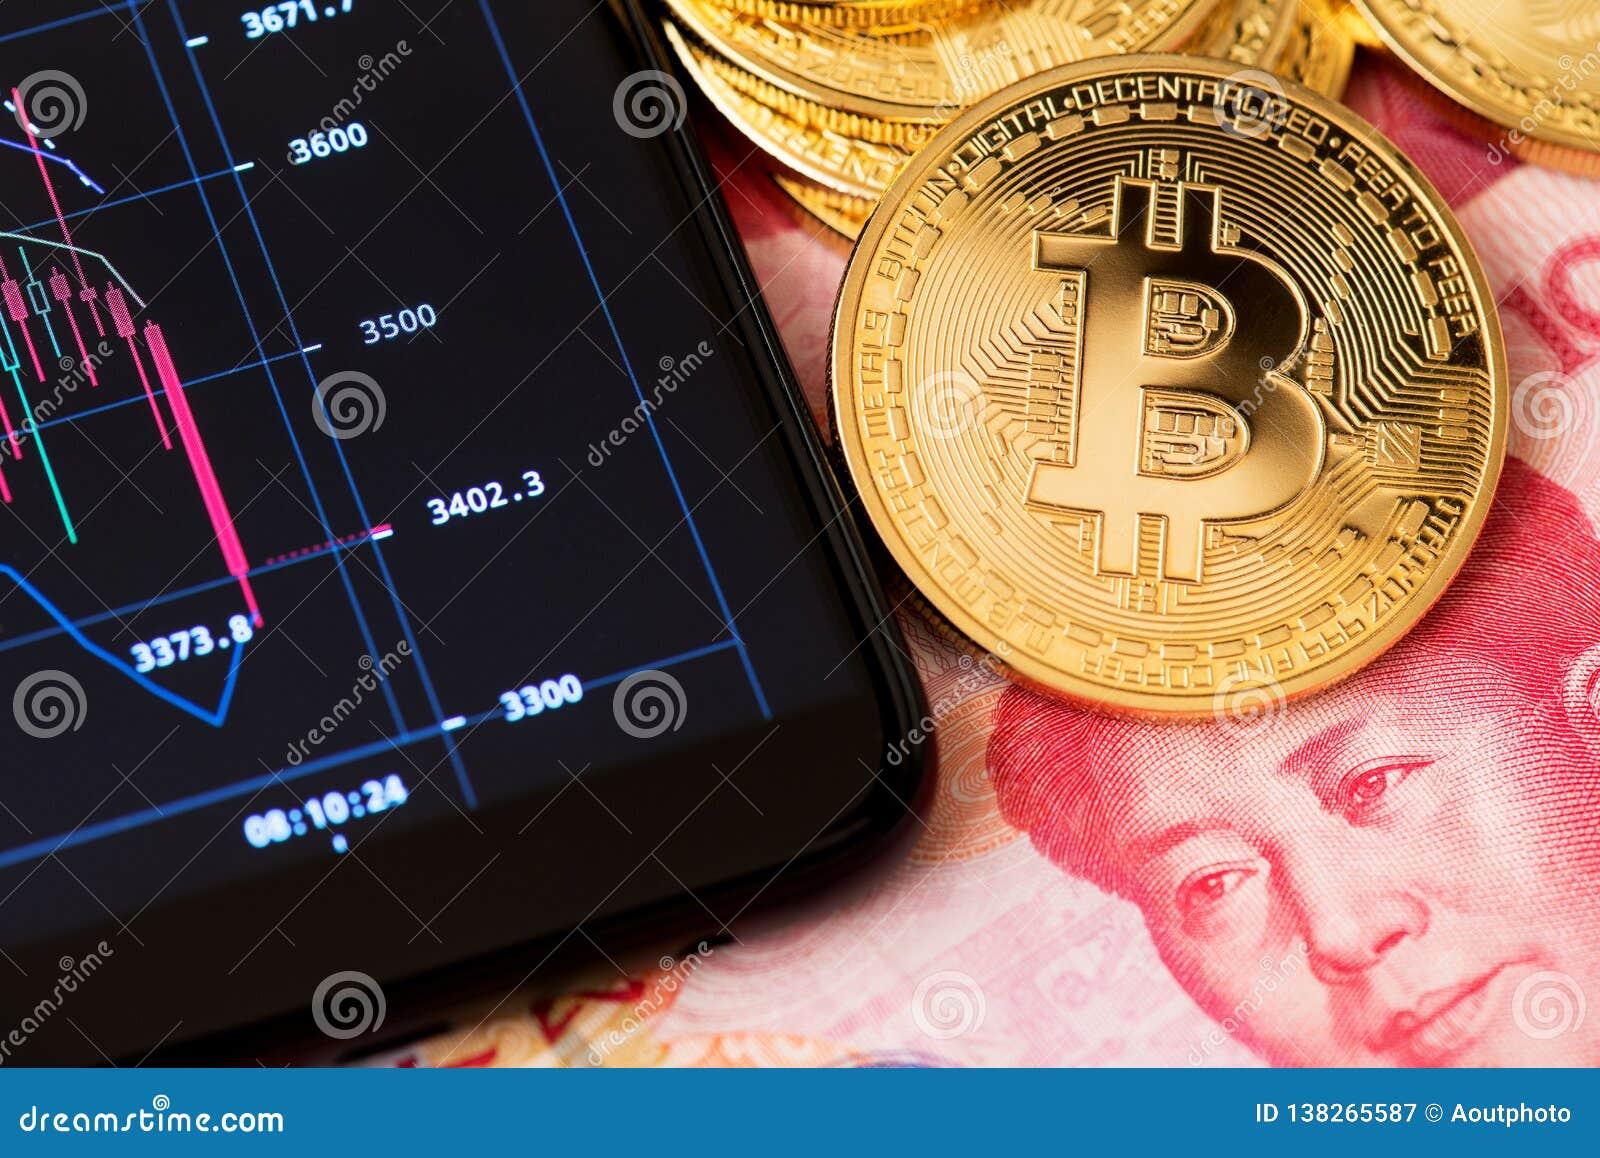 Packa ihop och handla slut för Bitcoin Blockchain begrepp direktanslutet upp porslin för renminbi yuanbitcoin